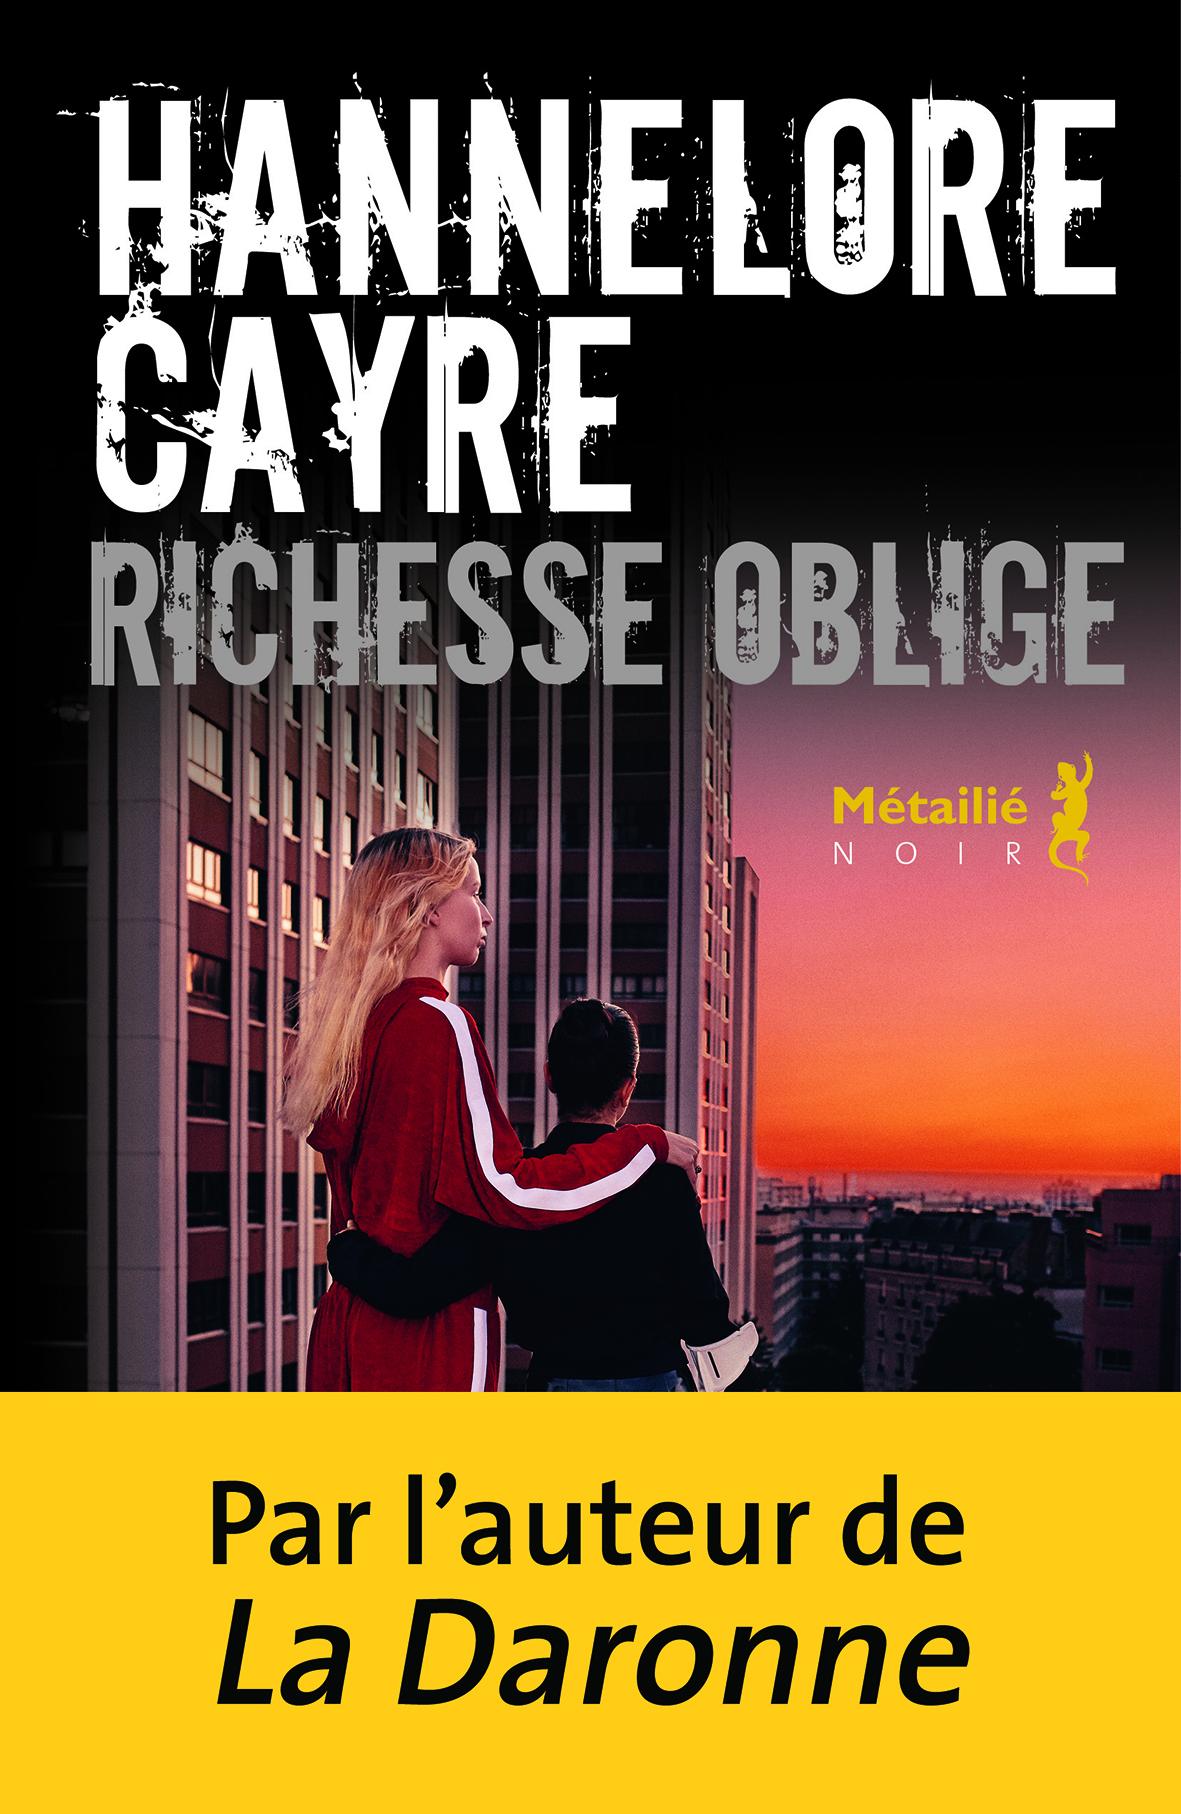 Richesse oblige - Editions Métailié